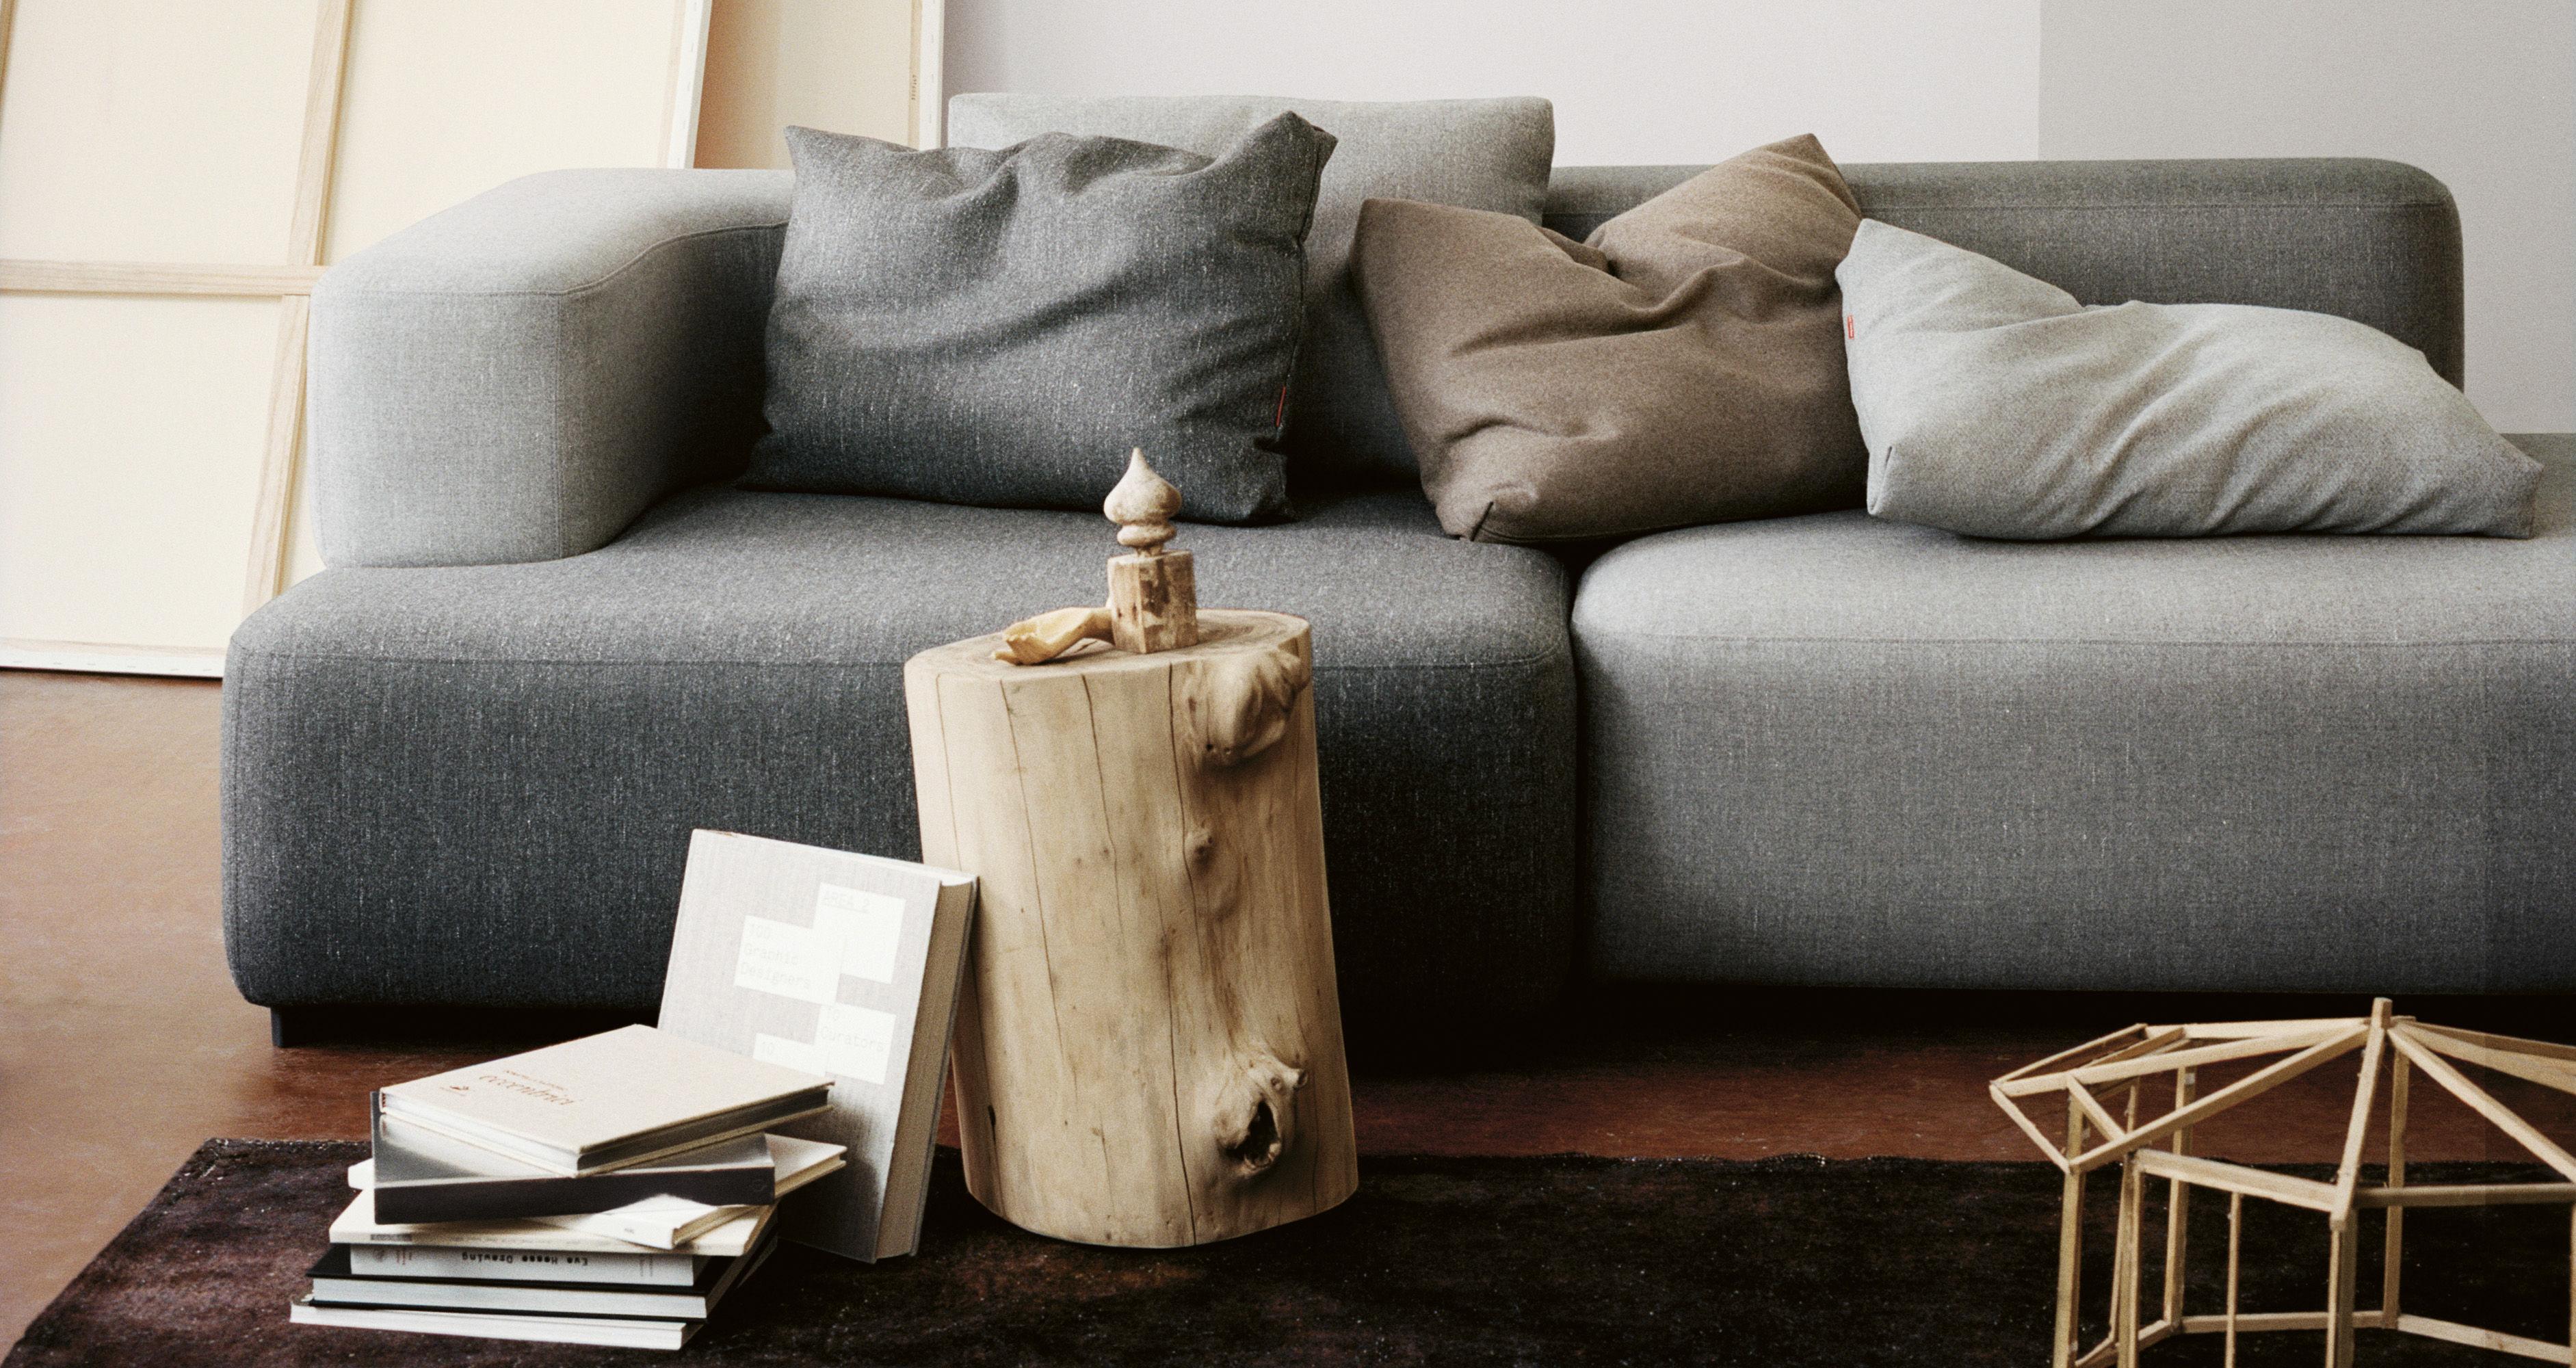 canap droit alphabet modulable 2 places l 210 x p 120 cm gris fonc fritz hansen. Black Bedroom Furniture Sets. Home Design Ideas